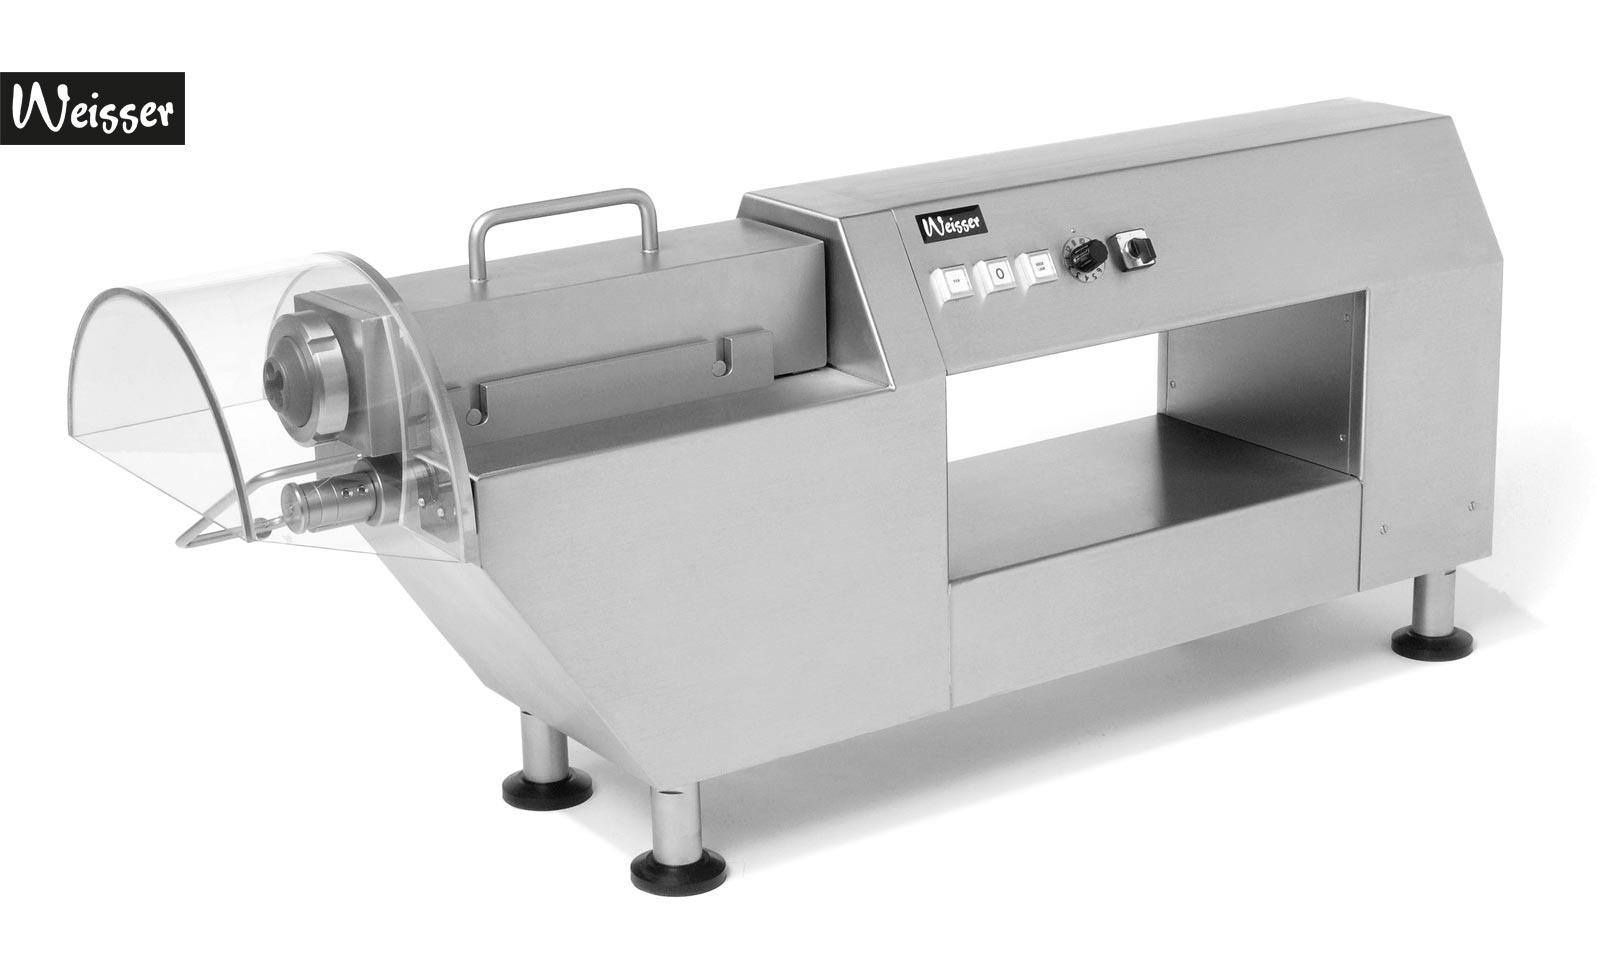 Weisser BPM35 Elektrische Butter-Portioniermaschine